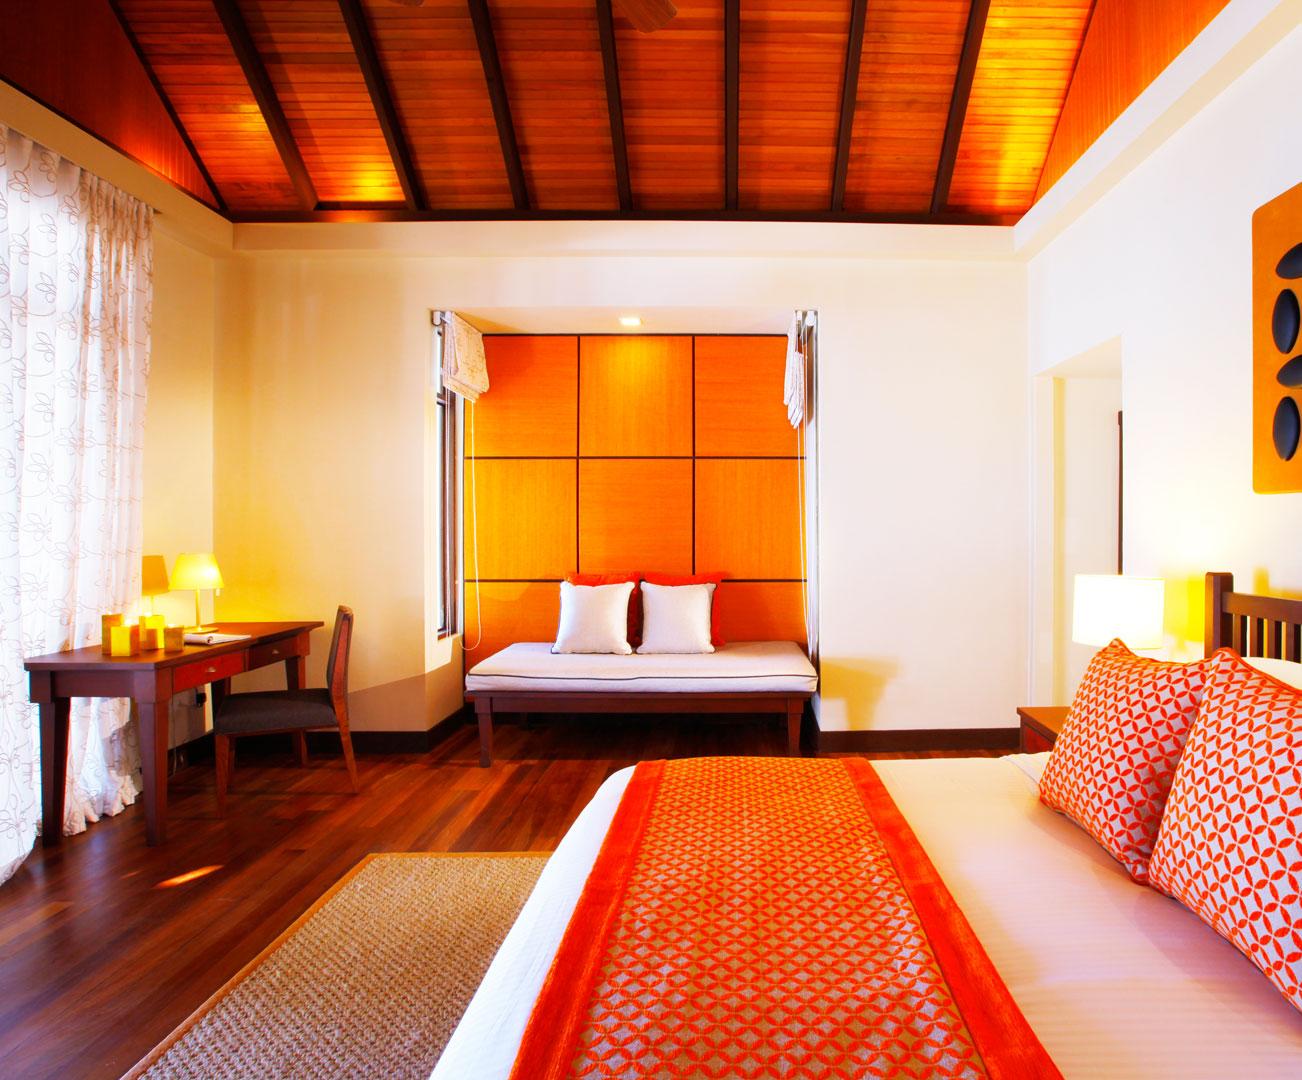 room-offer-03.jpg